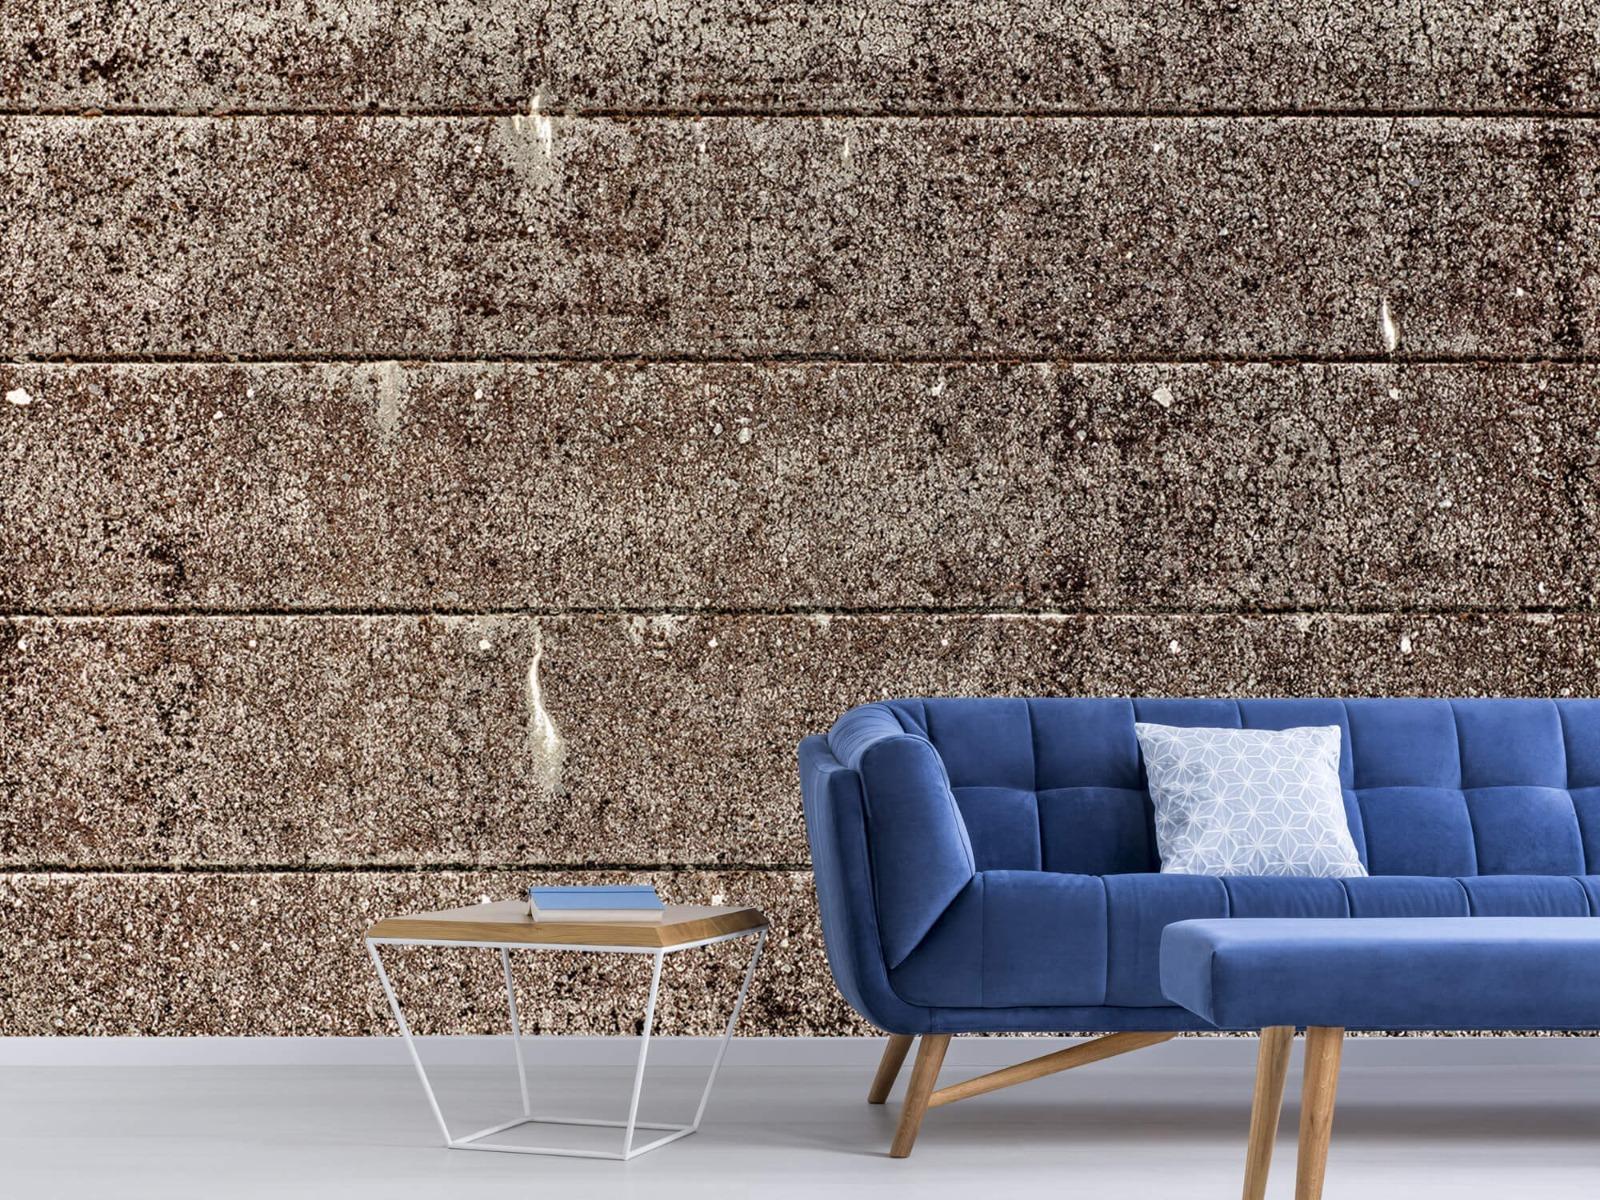 Steen behang - Oude betonnen damwand - Tienerkamer 6